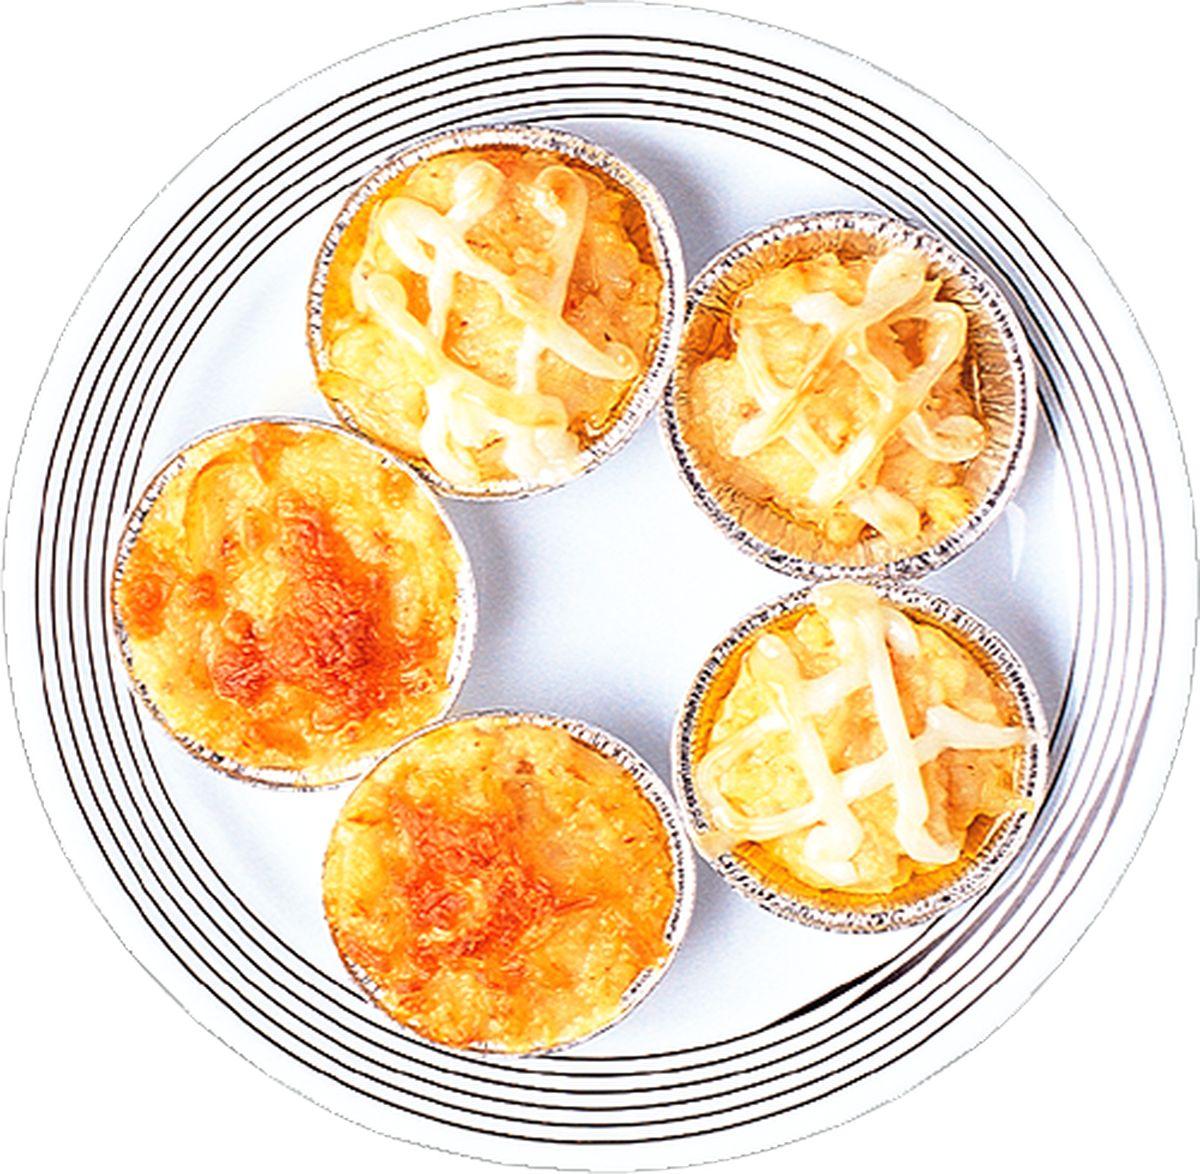 食譜:奶油焗蟹肉